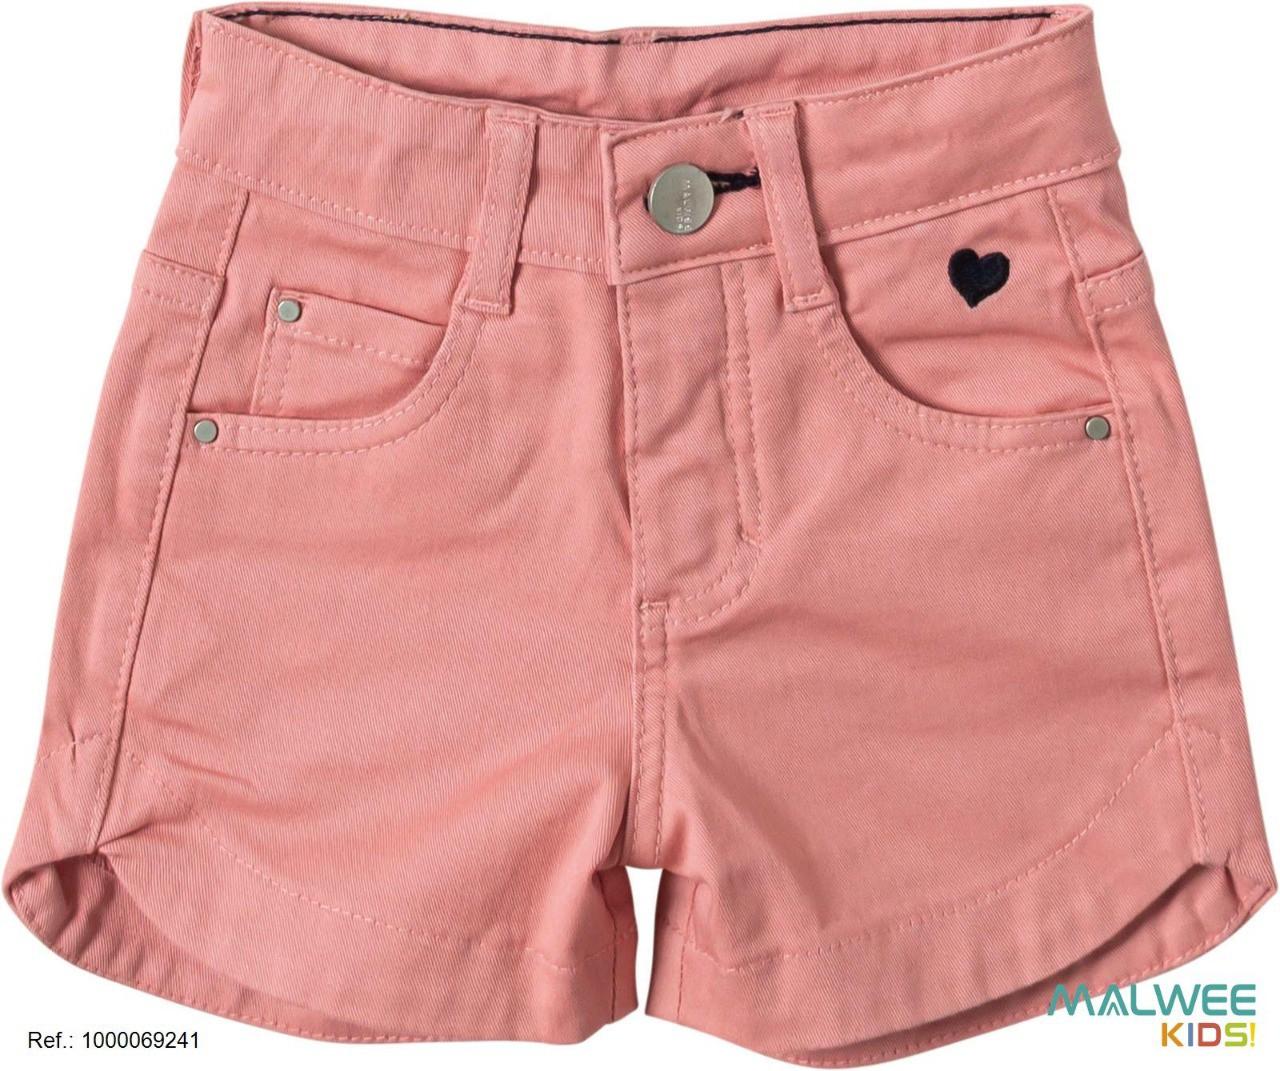 Short Jeans Malwee